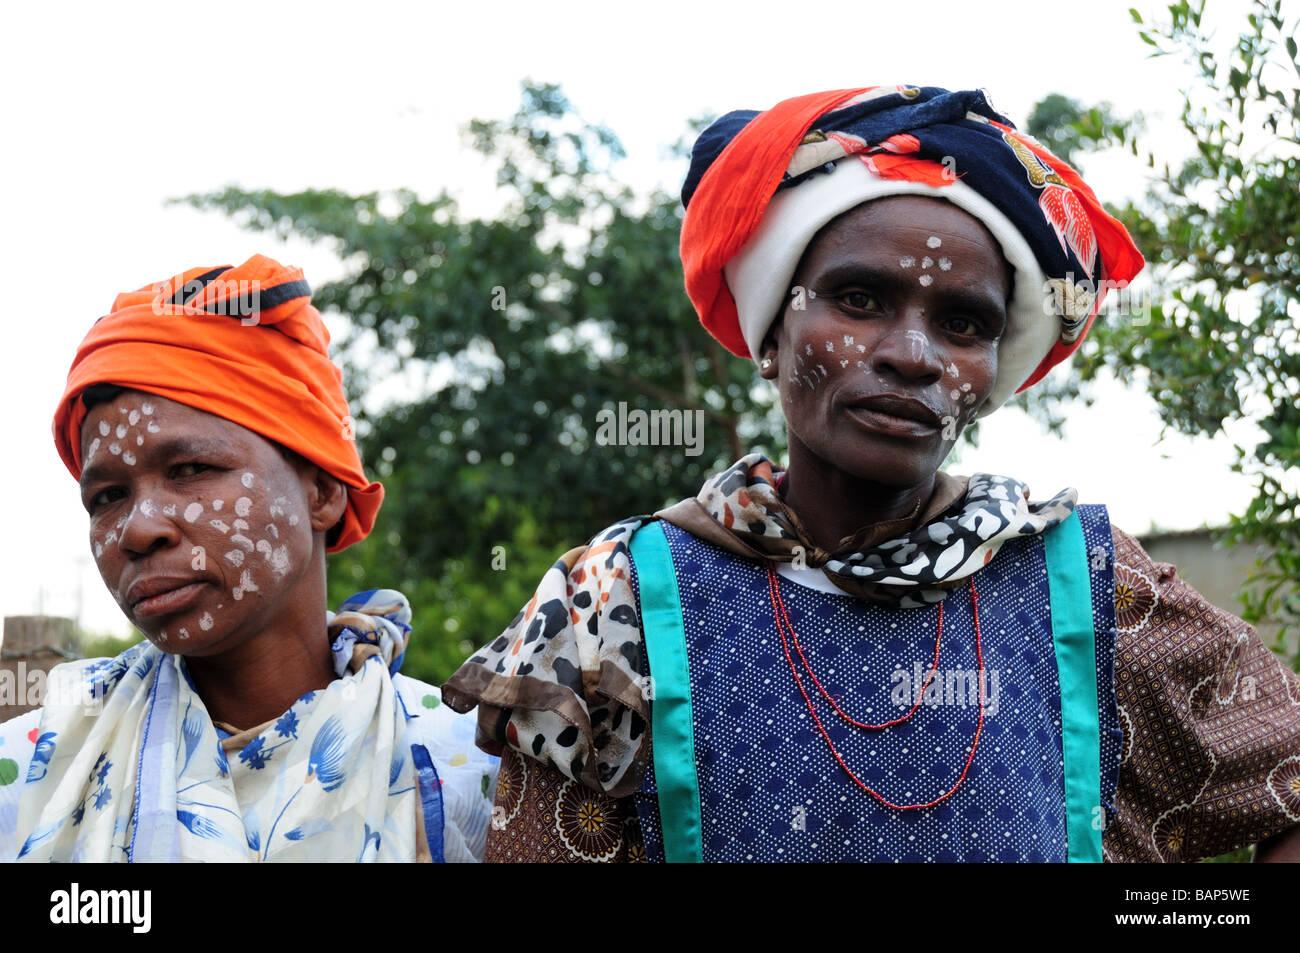 Dos mujeres sudafricanas tribal en traje tradicional y sus caras pintadas en un municipio Swellendam Sudáfrica Imagen De Stock